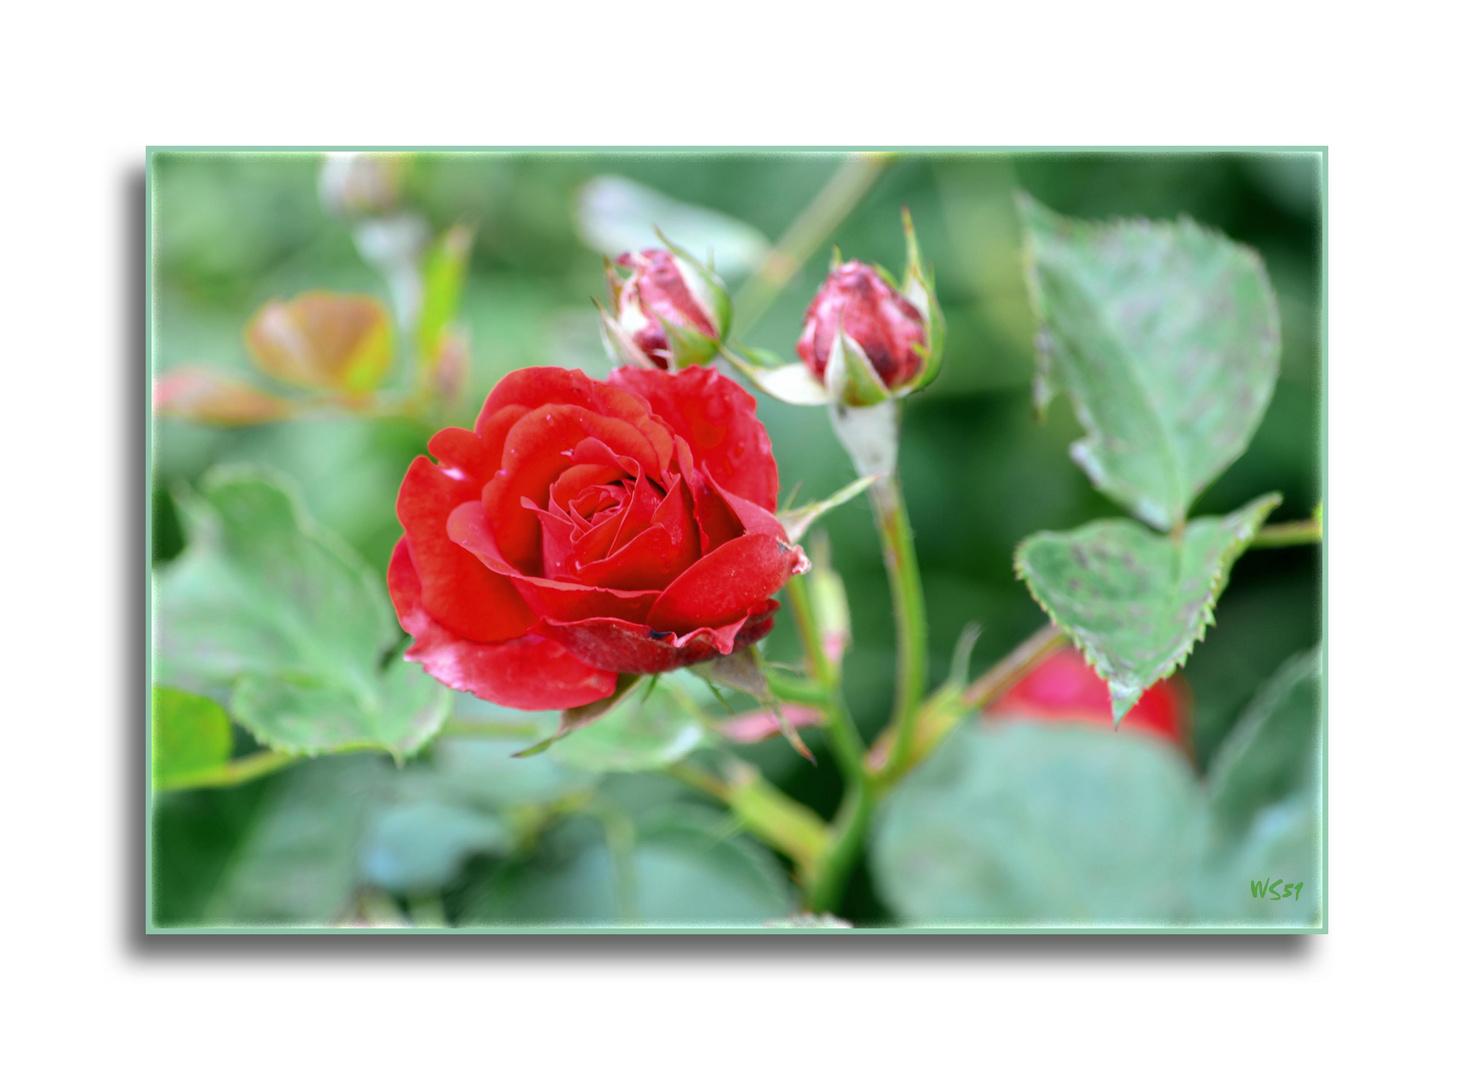 die erste Rose im Vorgarten